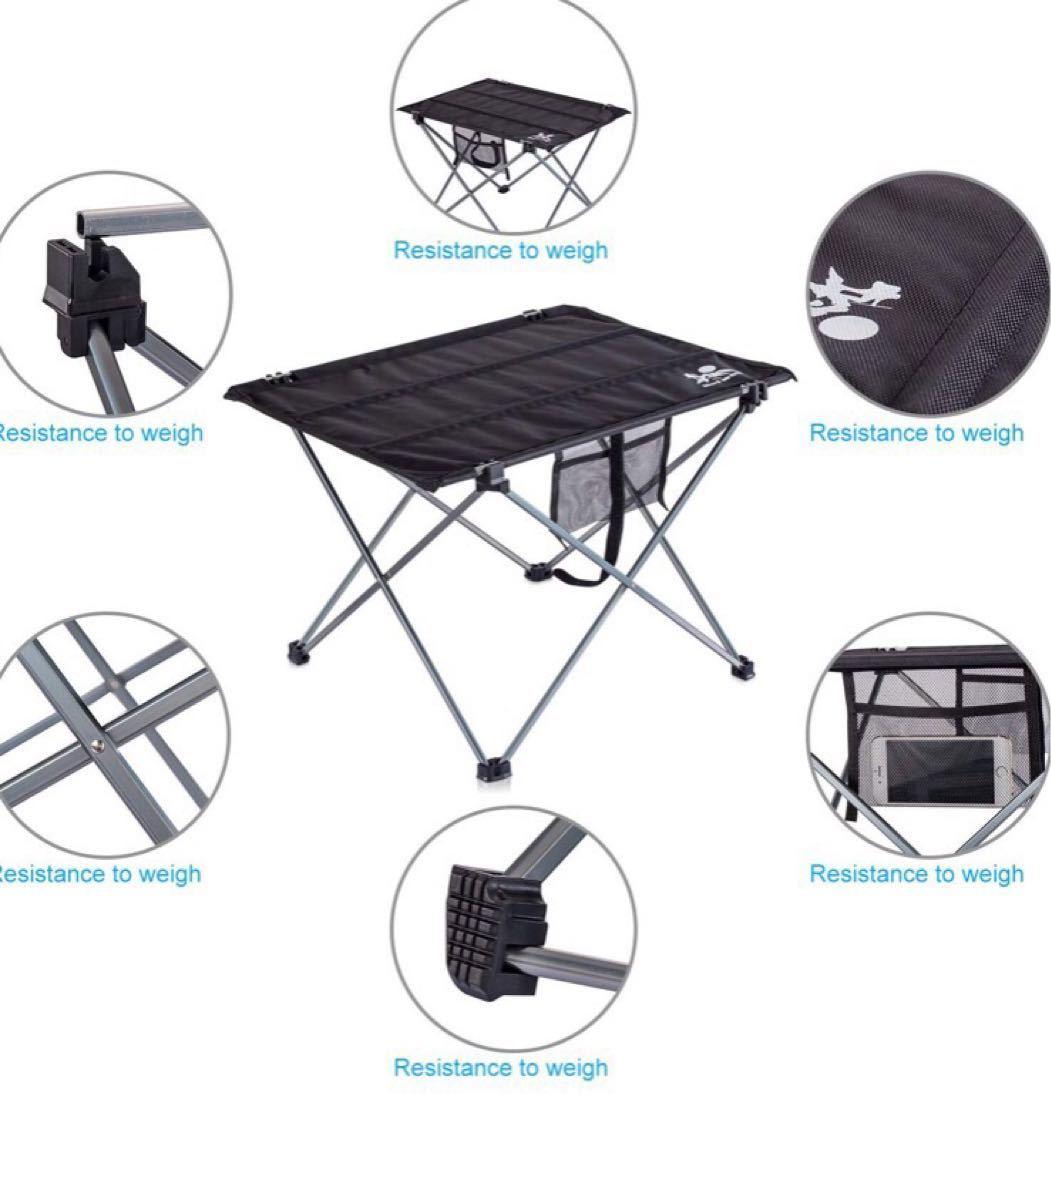 アウトドアテーブル キャンプ用 アルミ製 軽量 ロールテーブル 折りたたみ